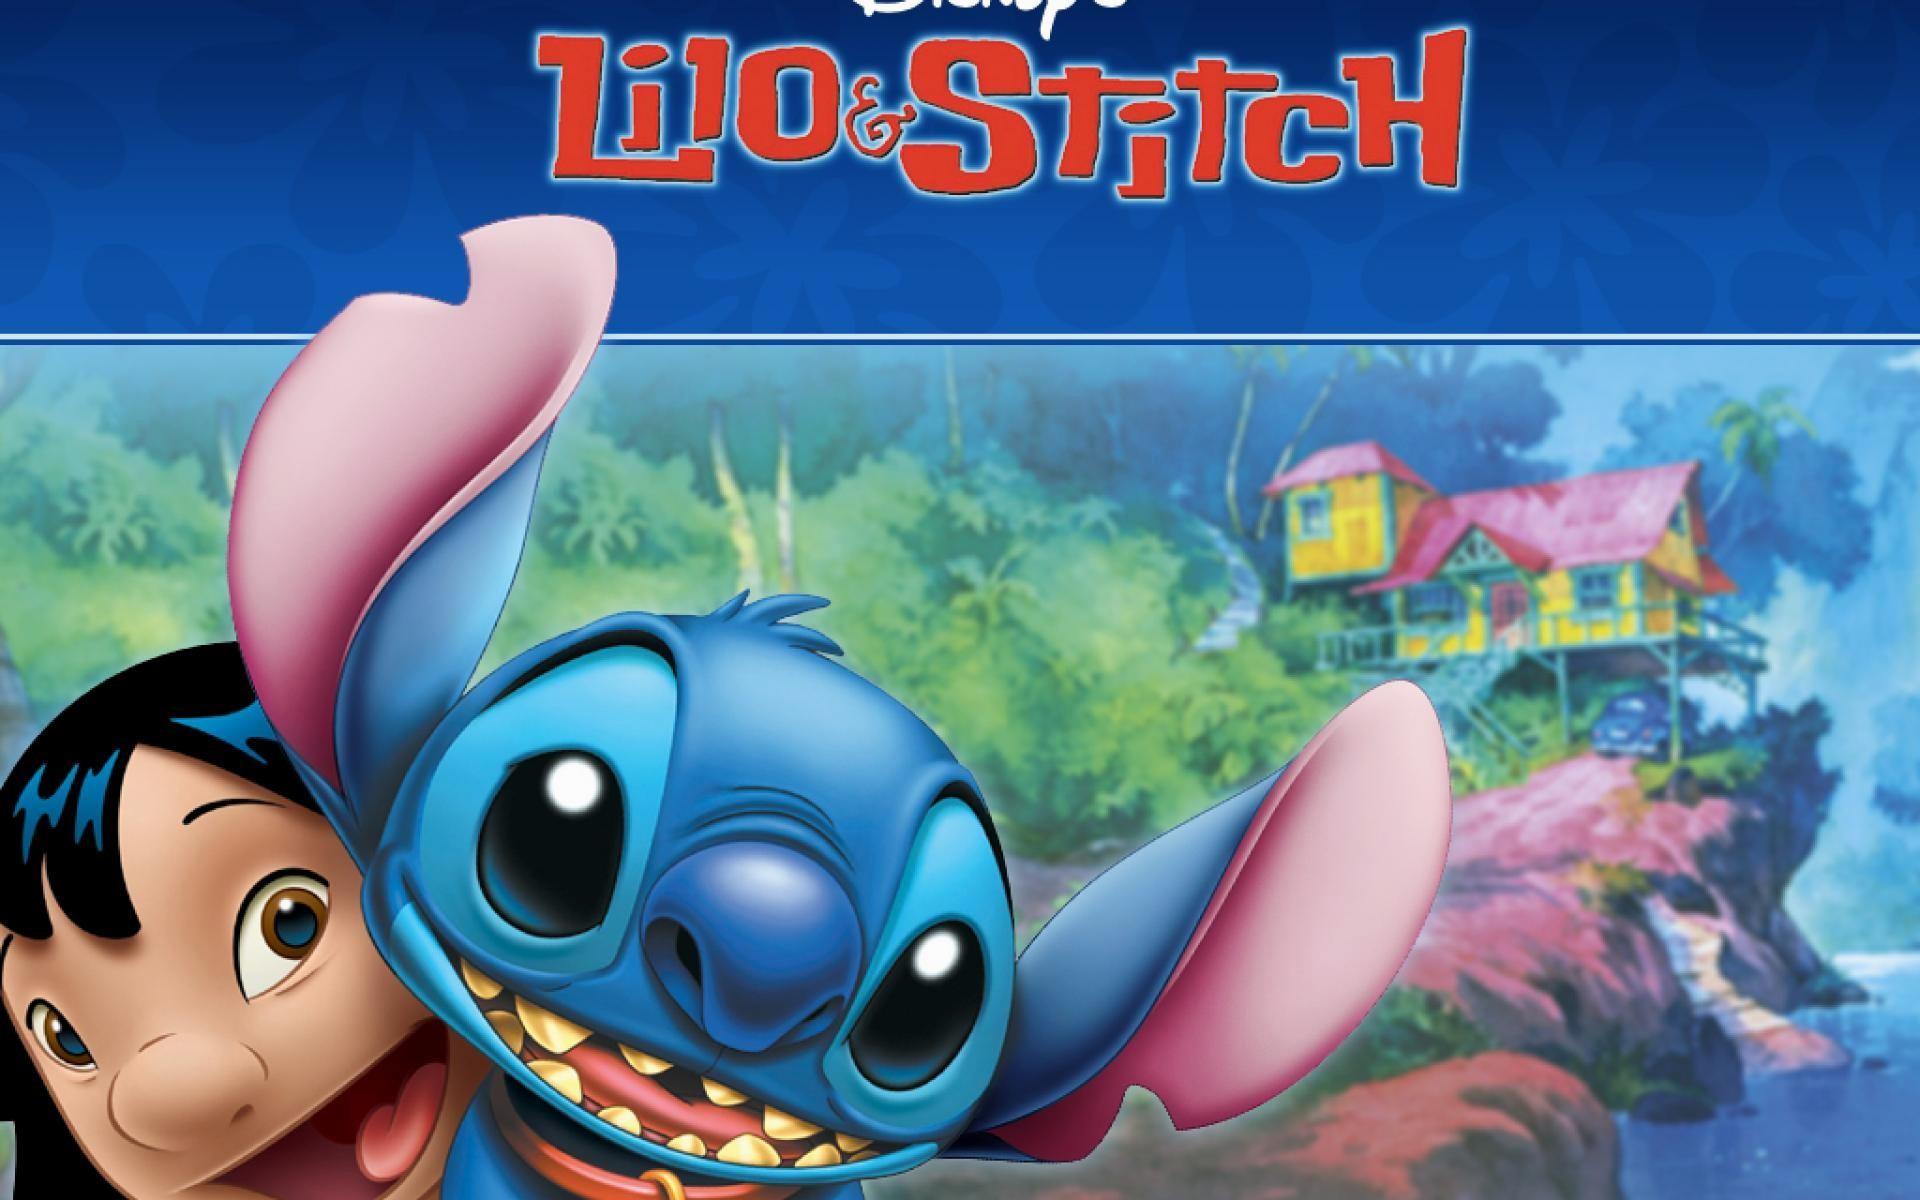 Stitch Wallpaper (69+ immagini)